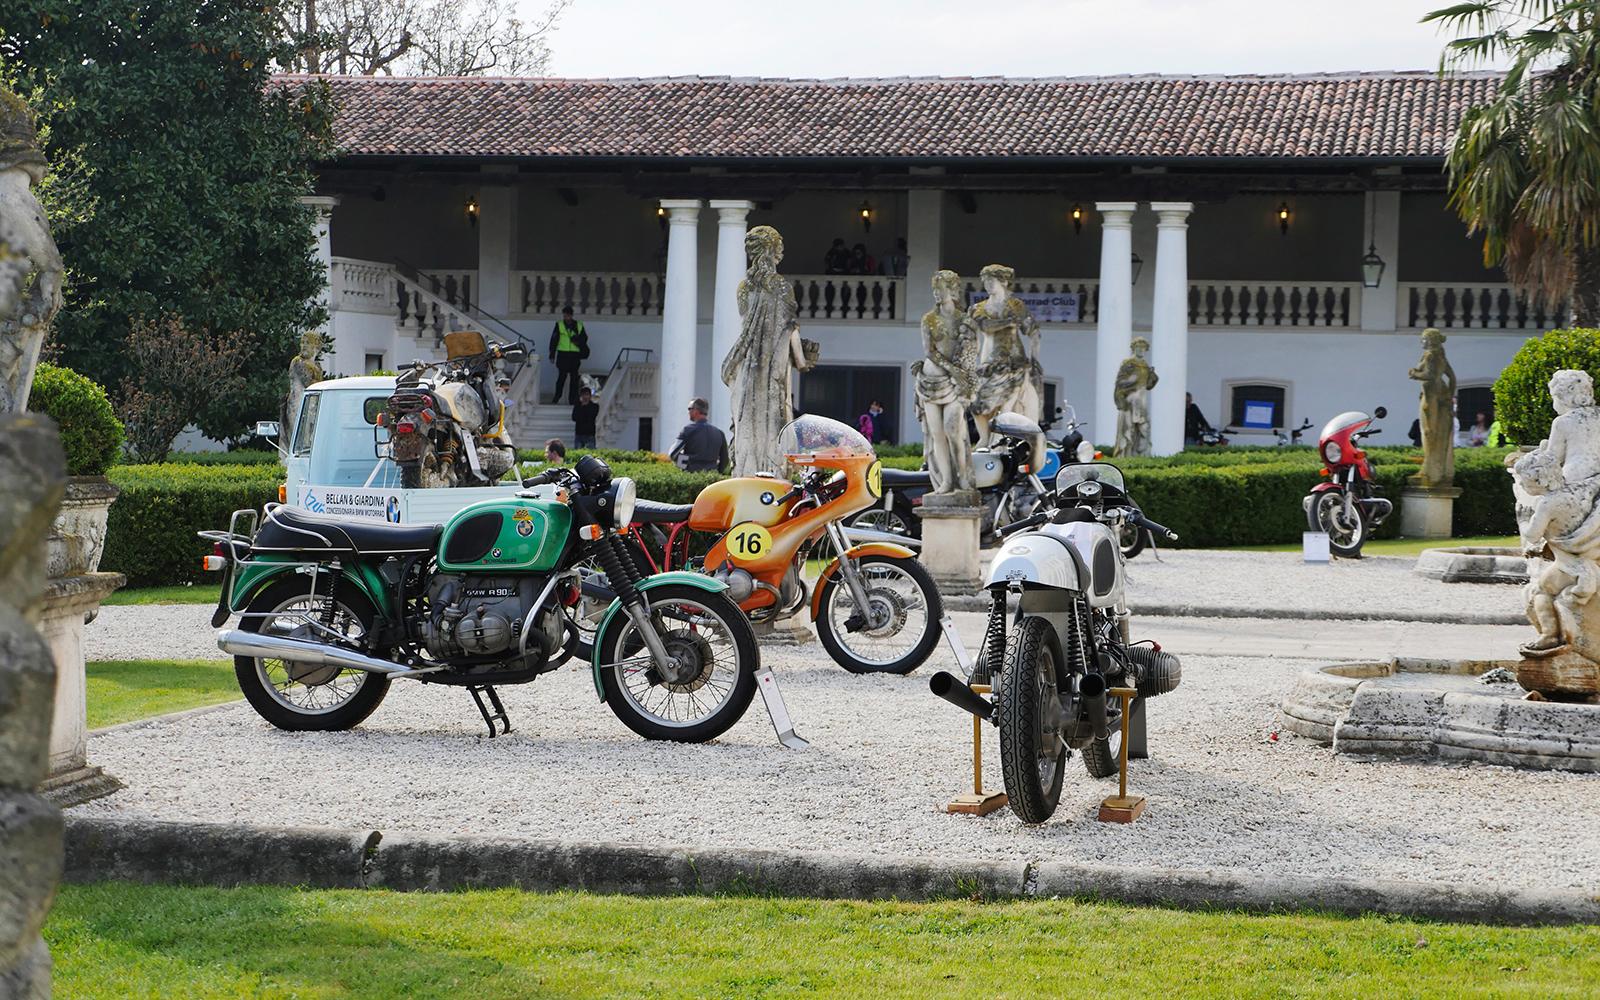 villa per eventi privati Vicenza, villa per eventi privati Padova, villa per feste private Vicenza, villa per feste private esterne Padova